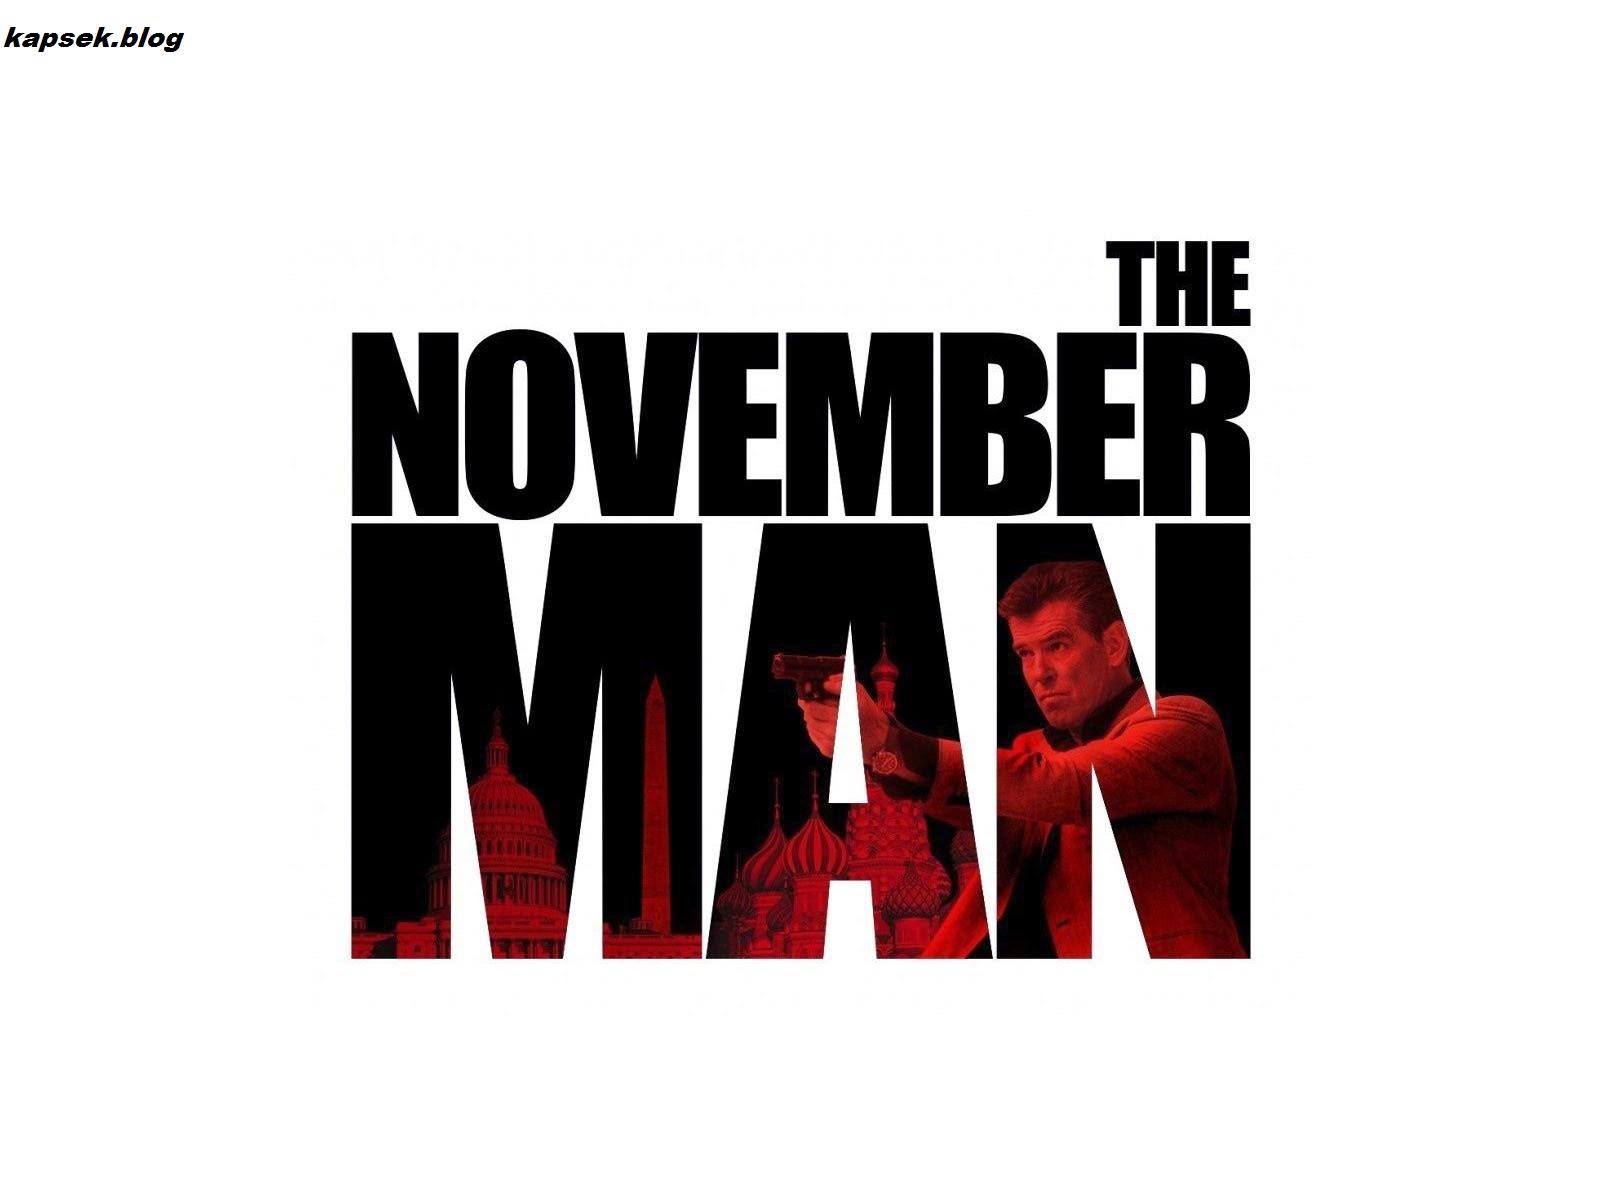 The November Man new movies HD wallpaper